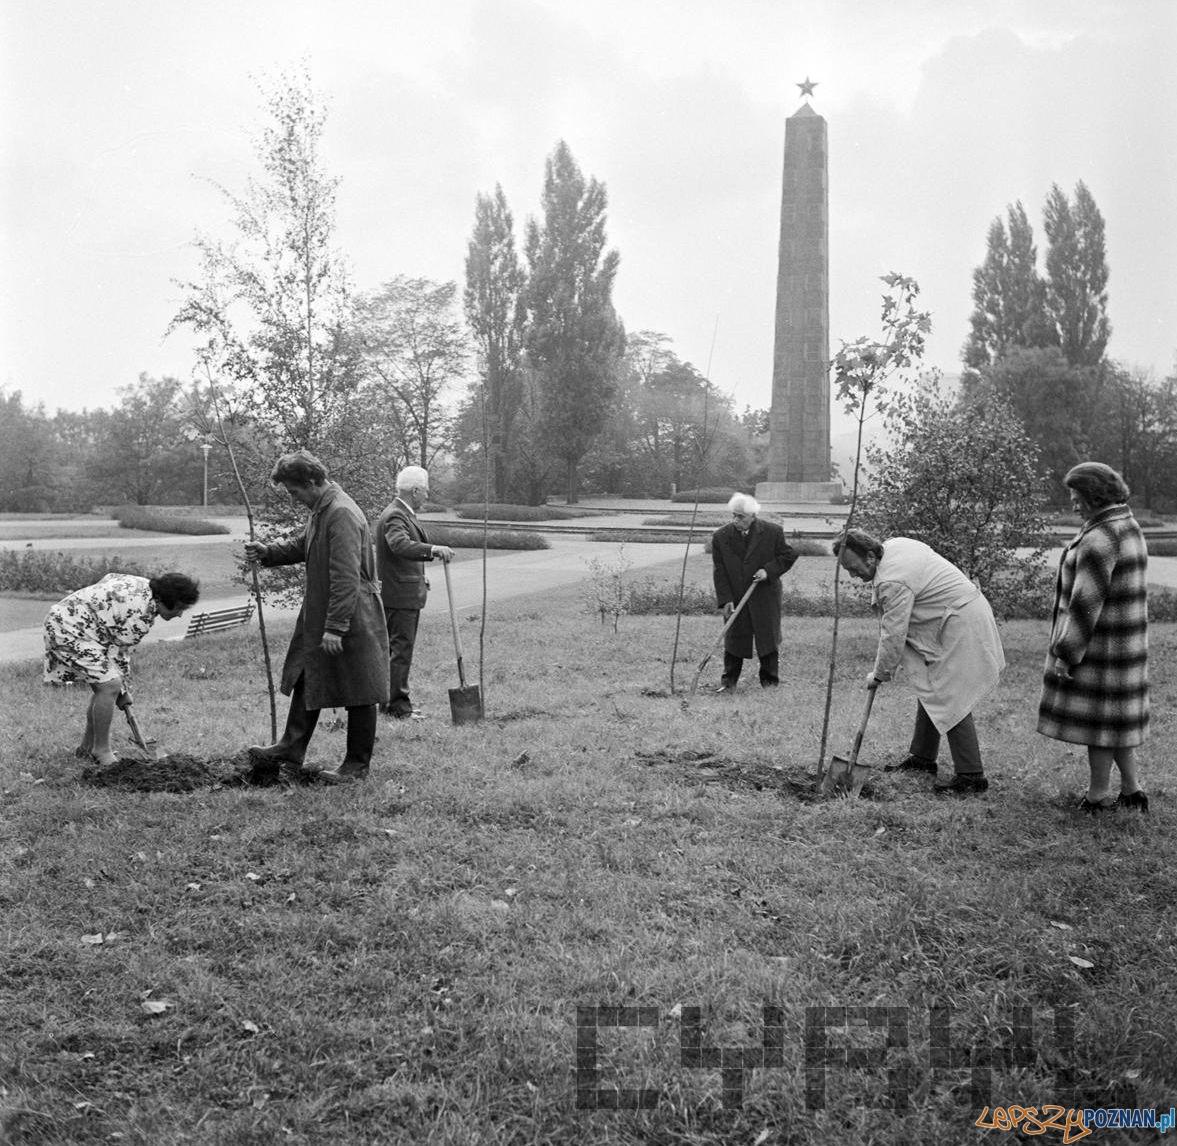 Członkowie bułgarskiego NFJ sadzą drzewka przyjaźni w parku na Cytadeli - 24.10.1974